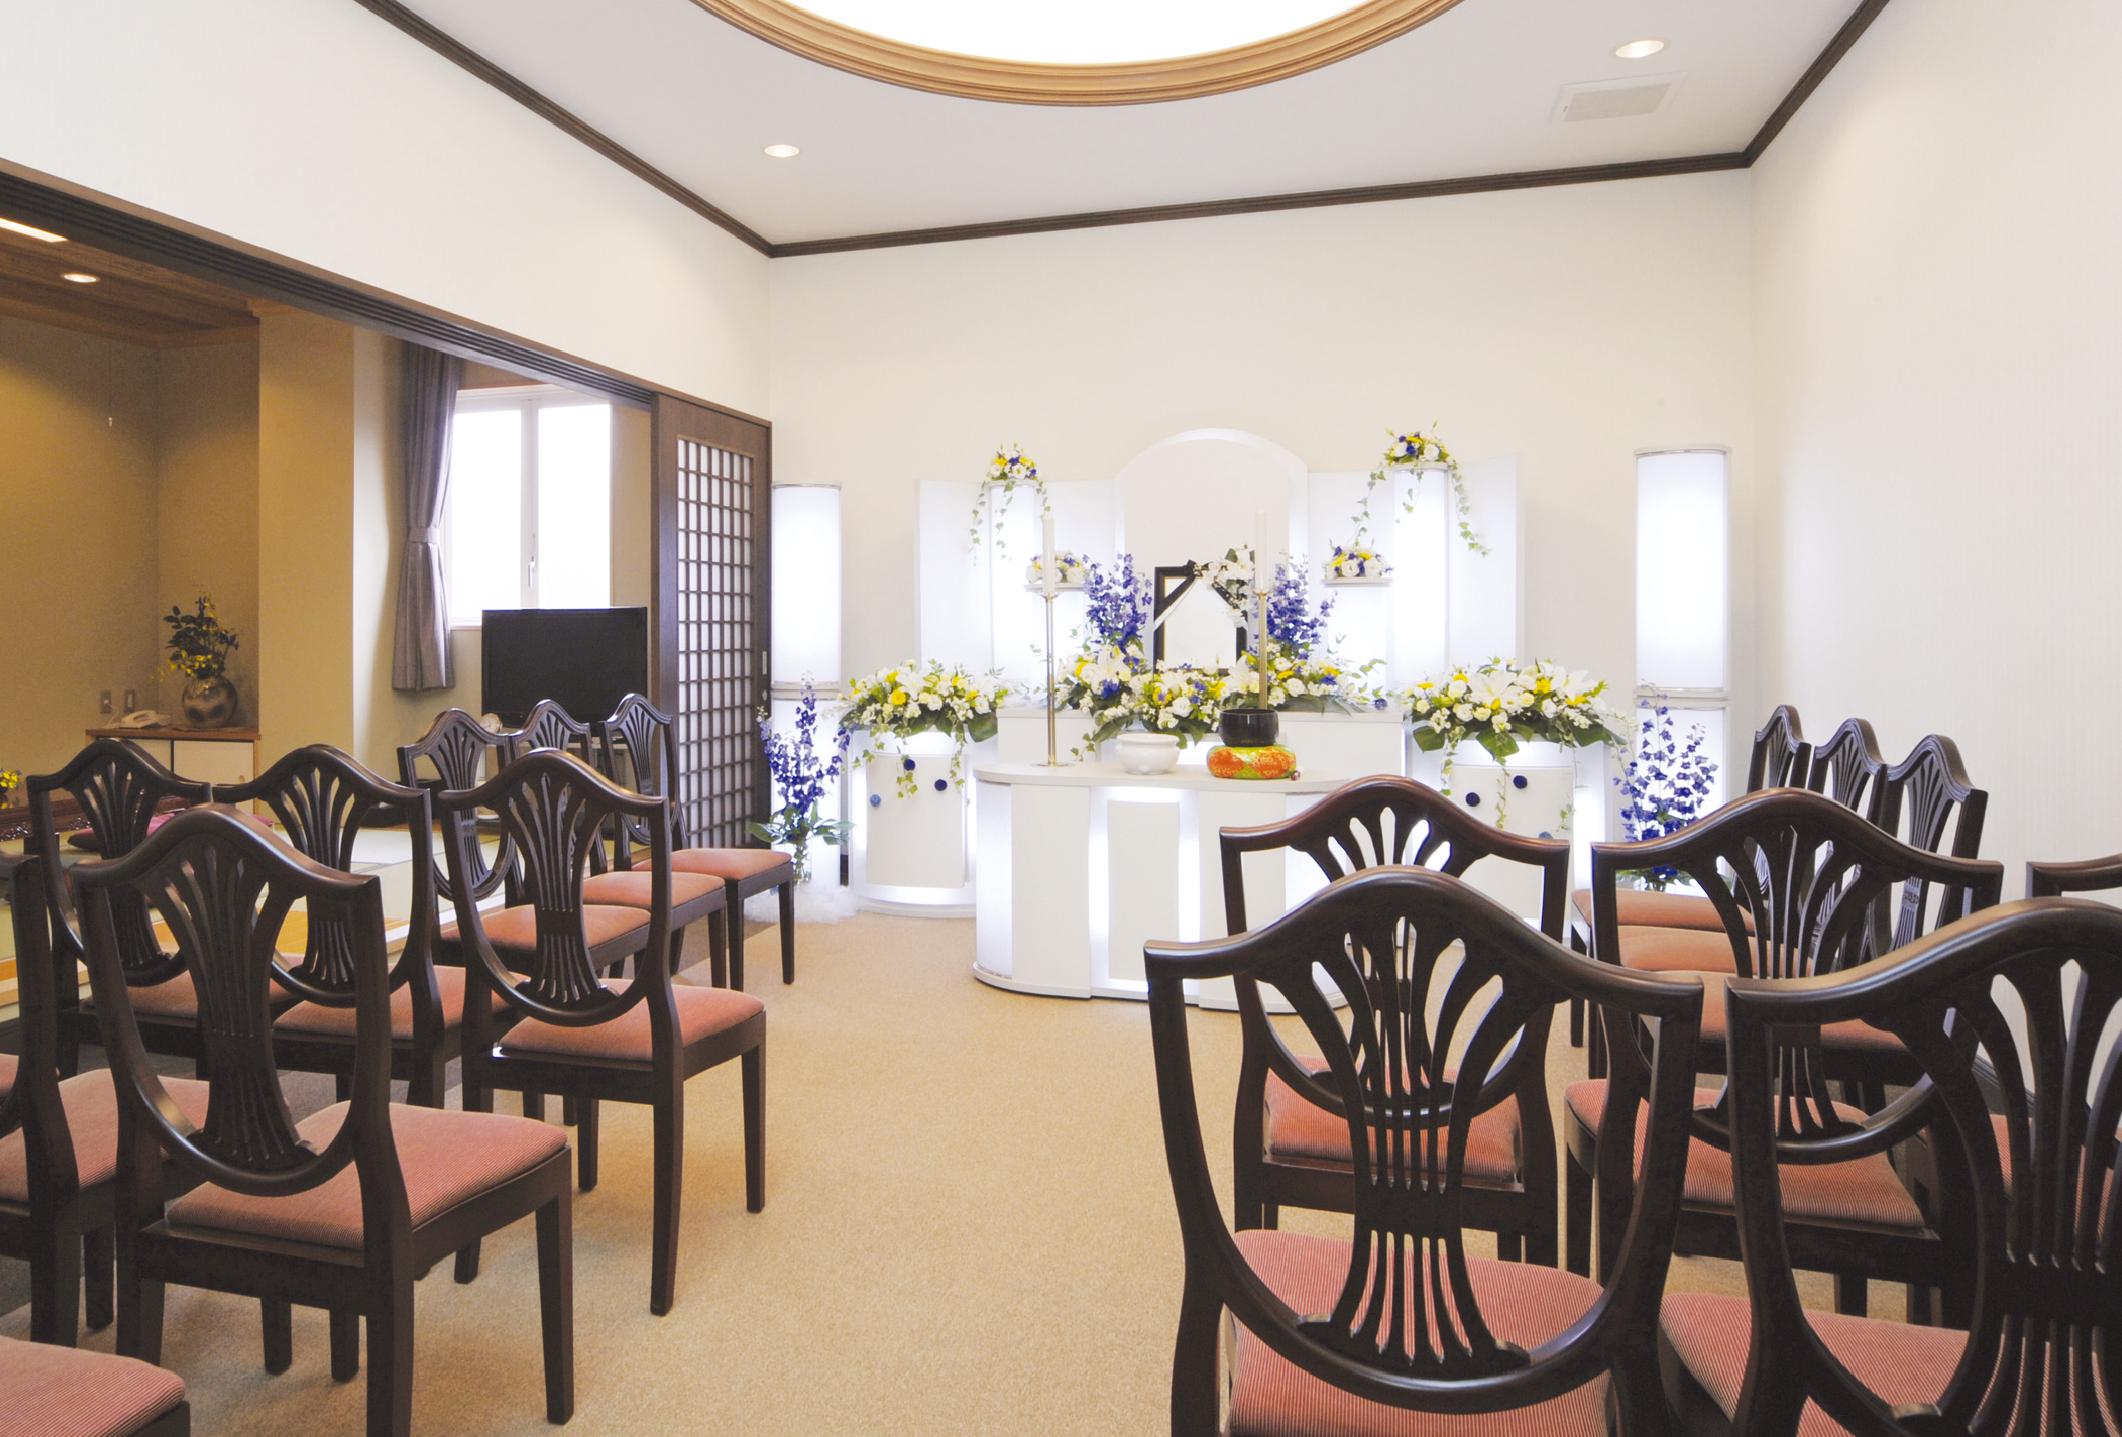 非公開: 【葵区の葬祭会館が見学できる】友引見学会